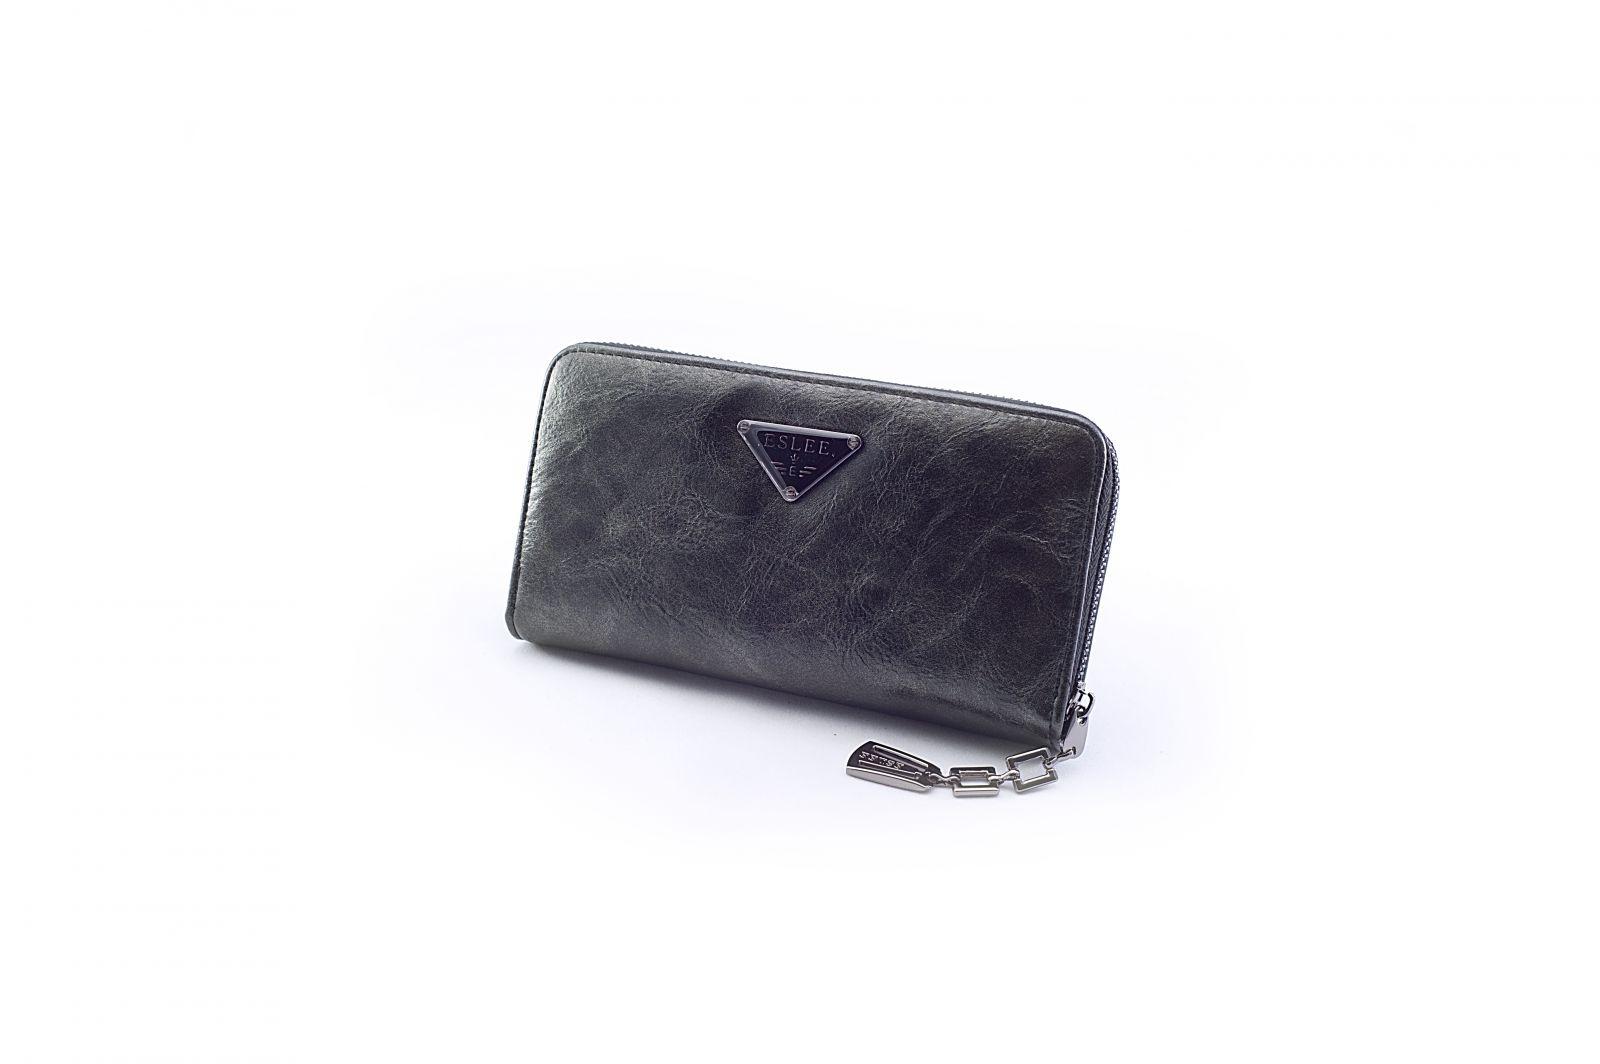 Dámská peněženka ESLEE 6215 black